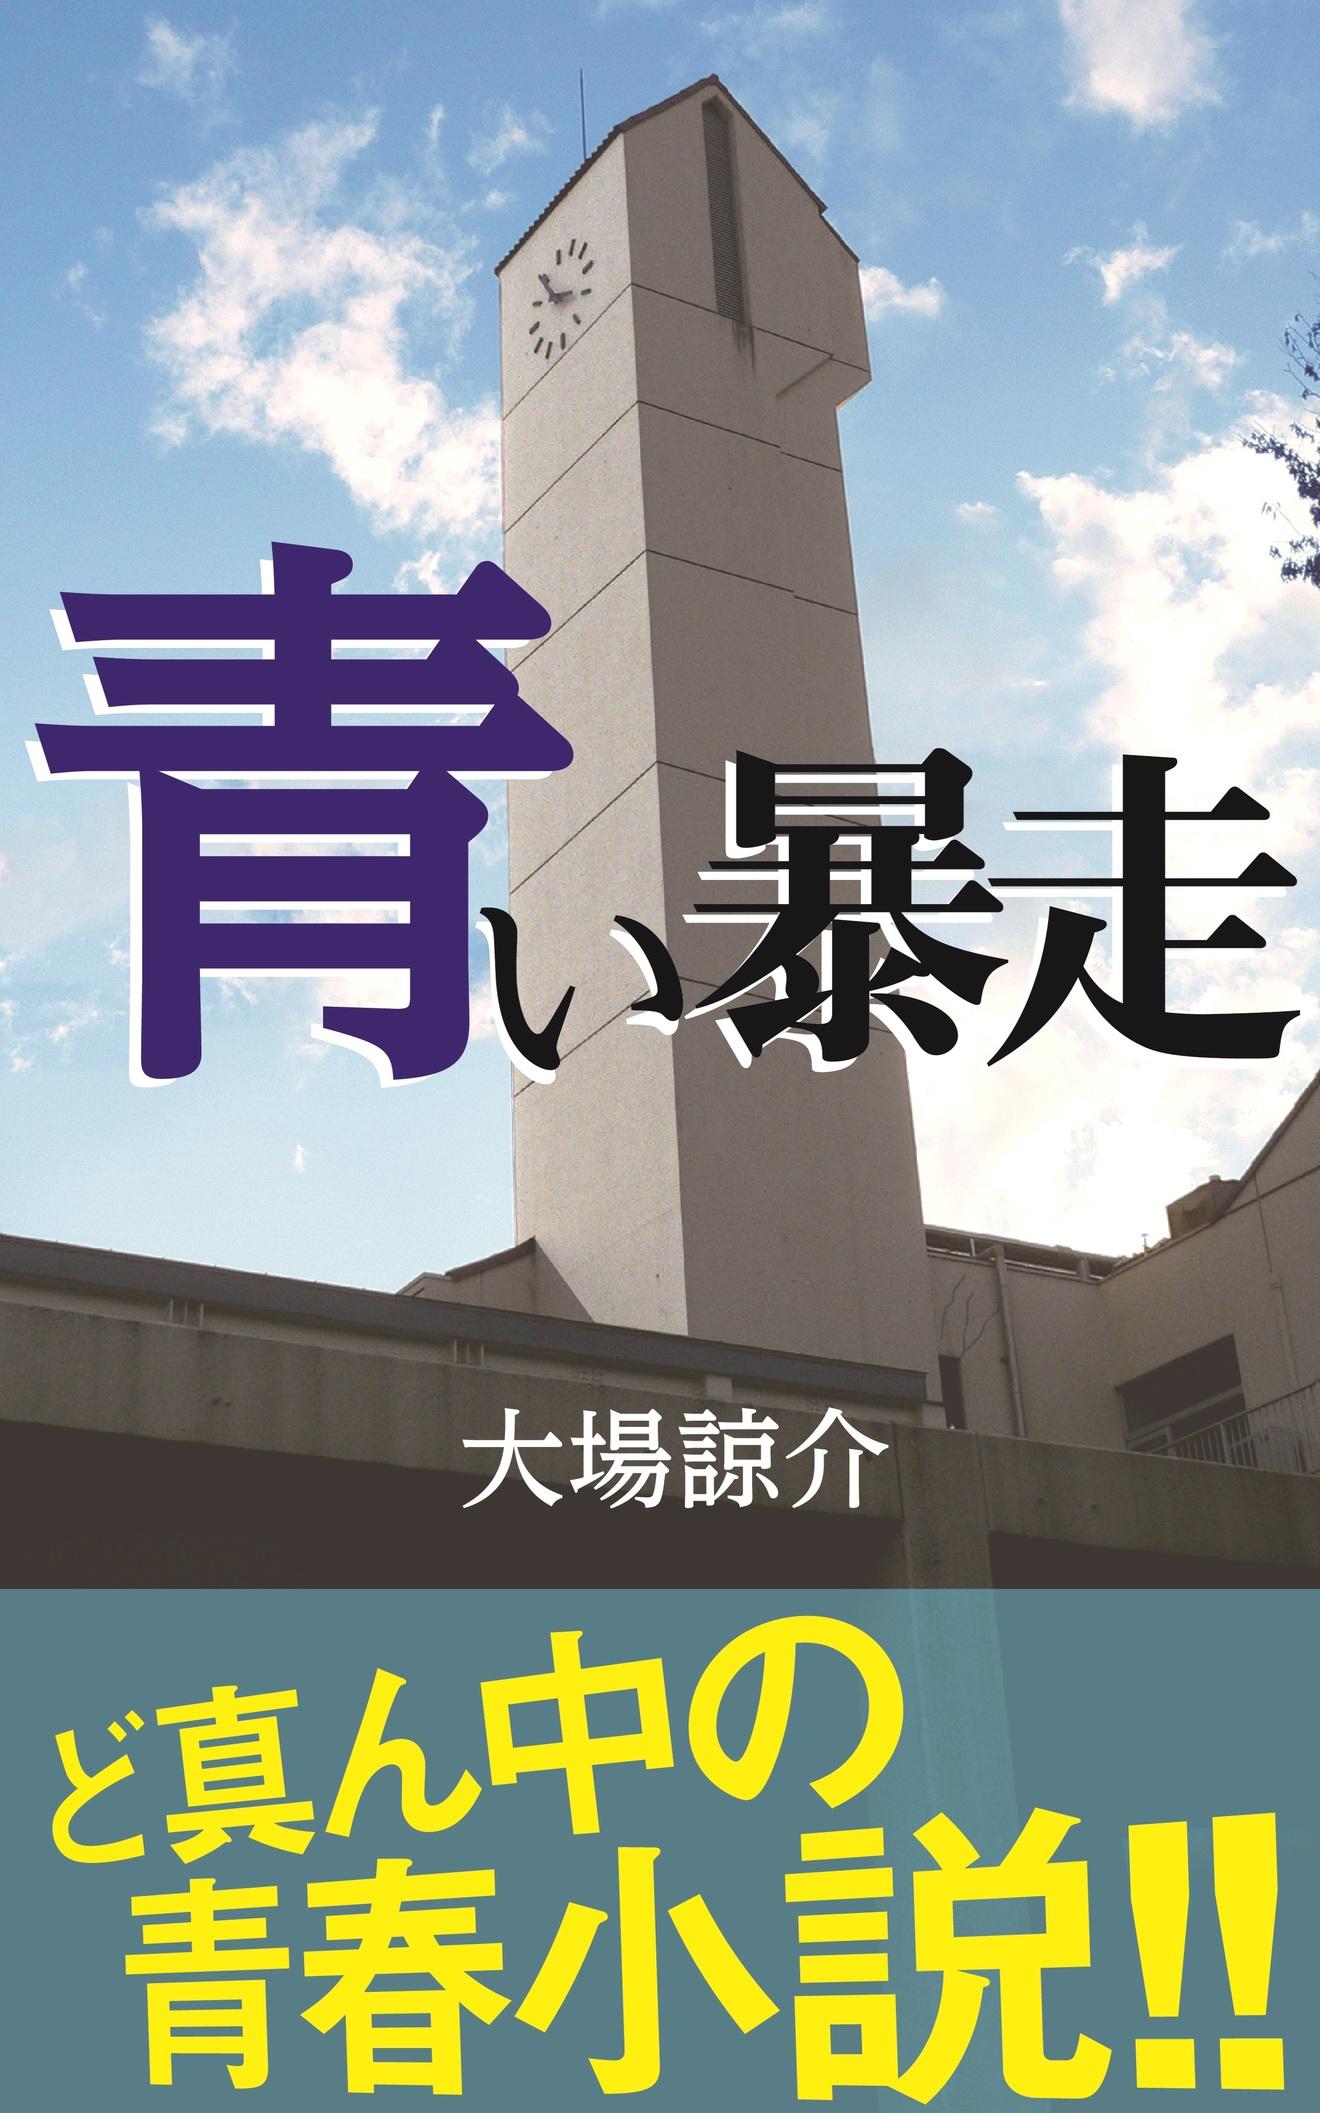 【連載小説】「青い暴走」シリーズ「優しい音」第3話【毎週土曜更新】